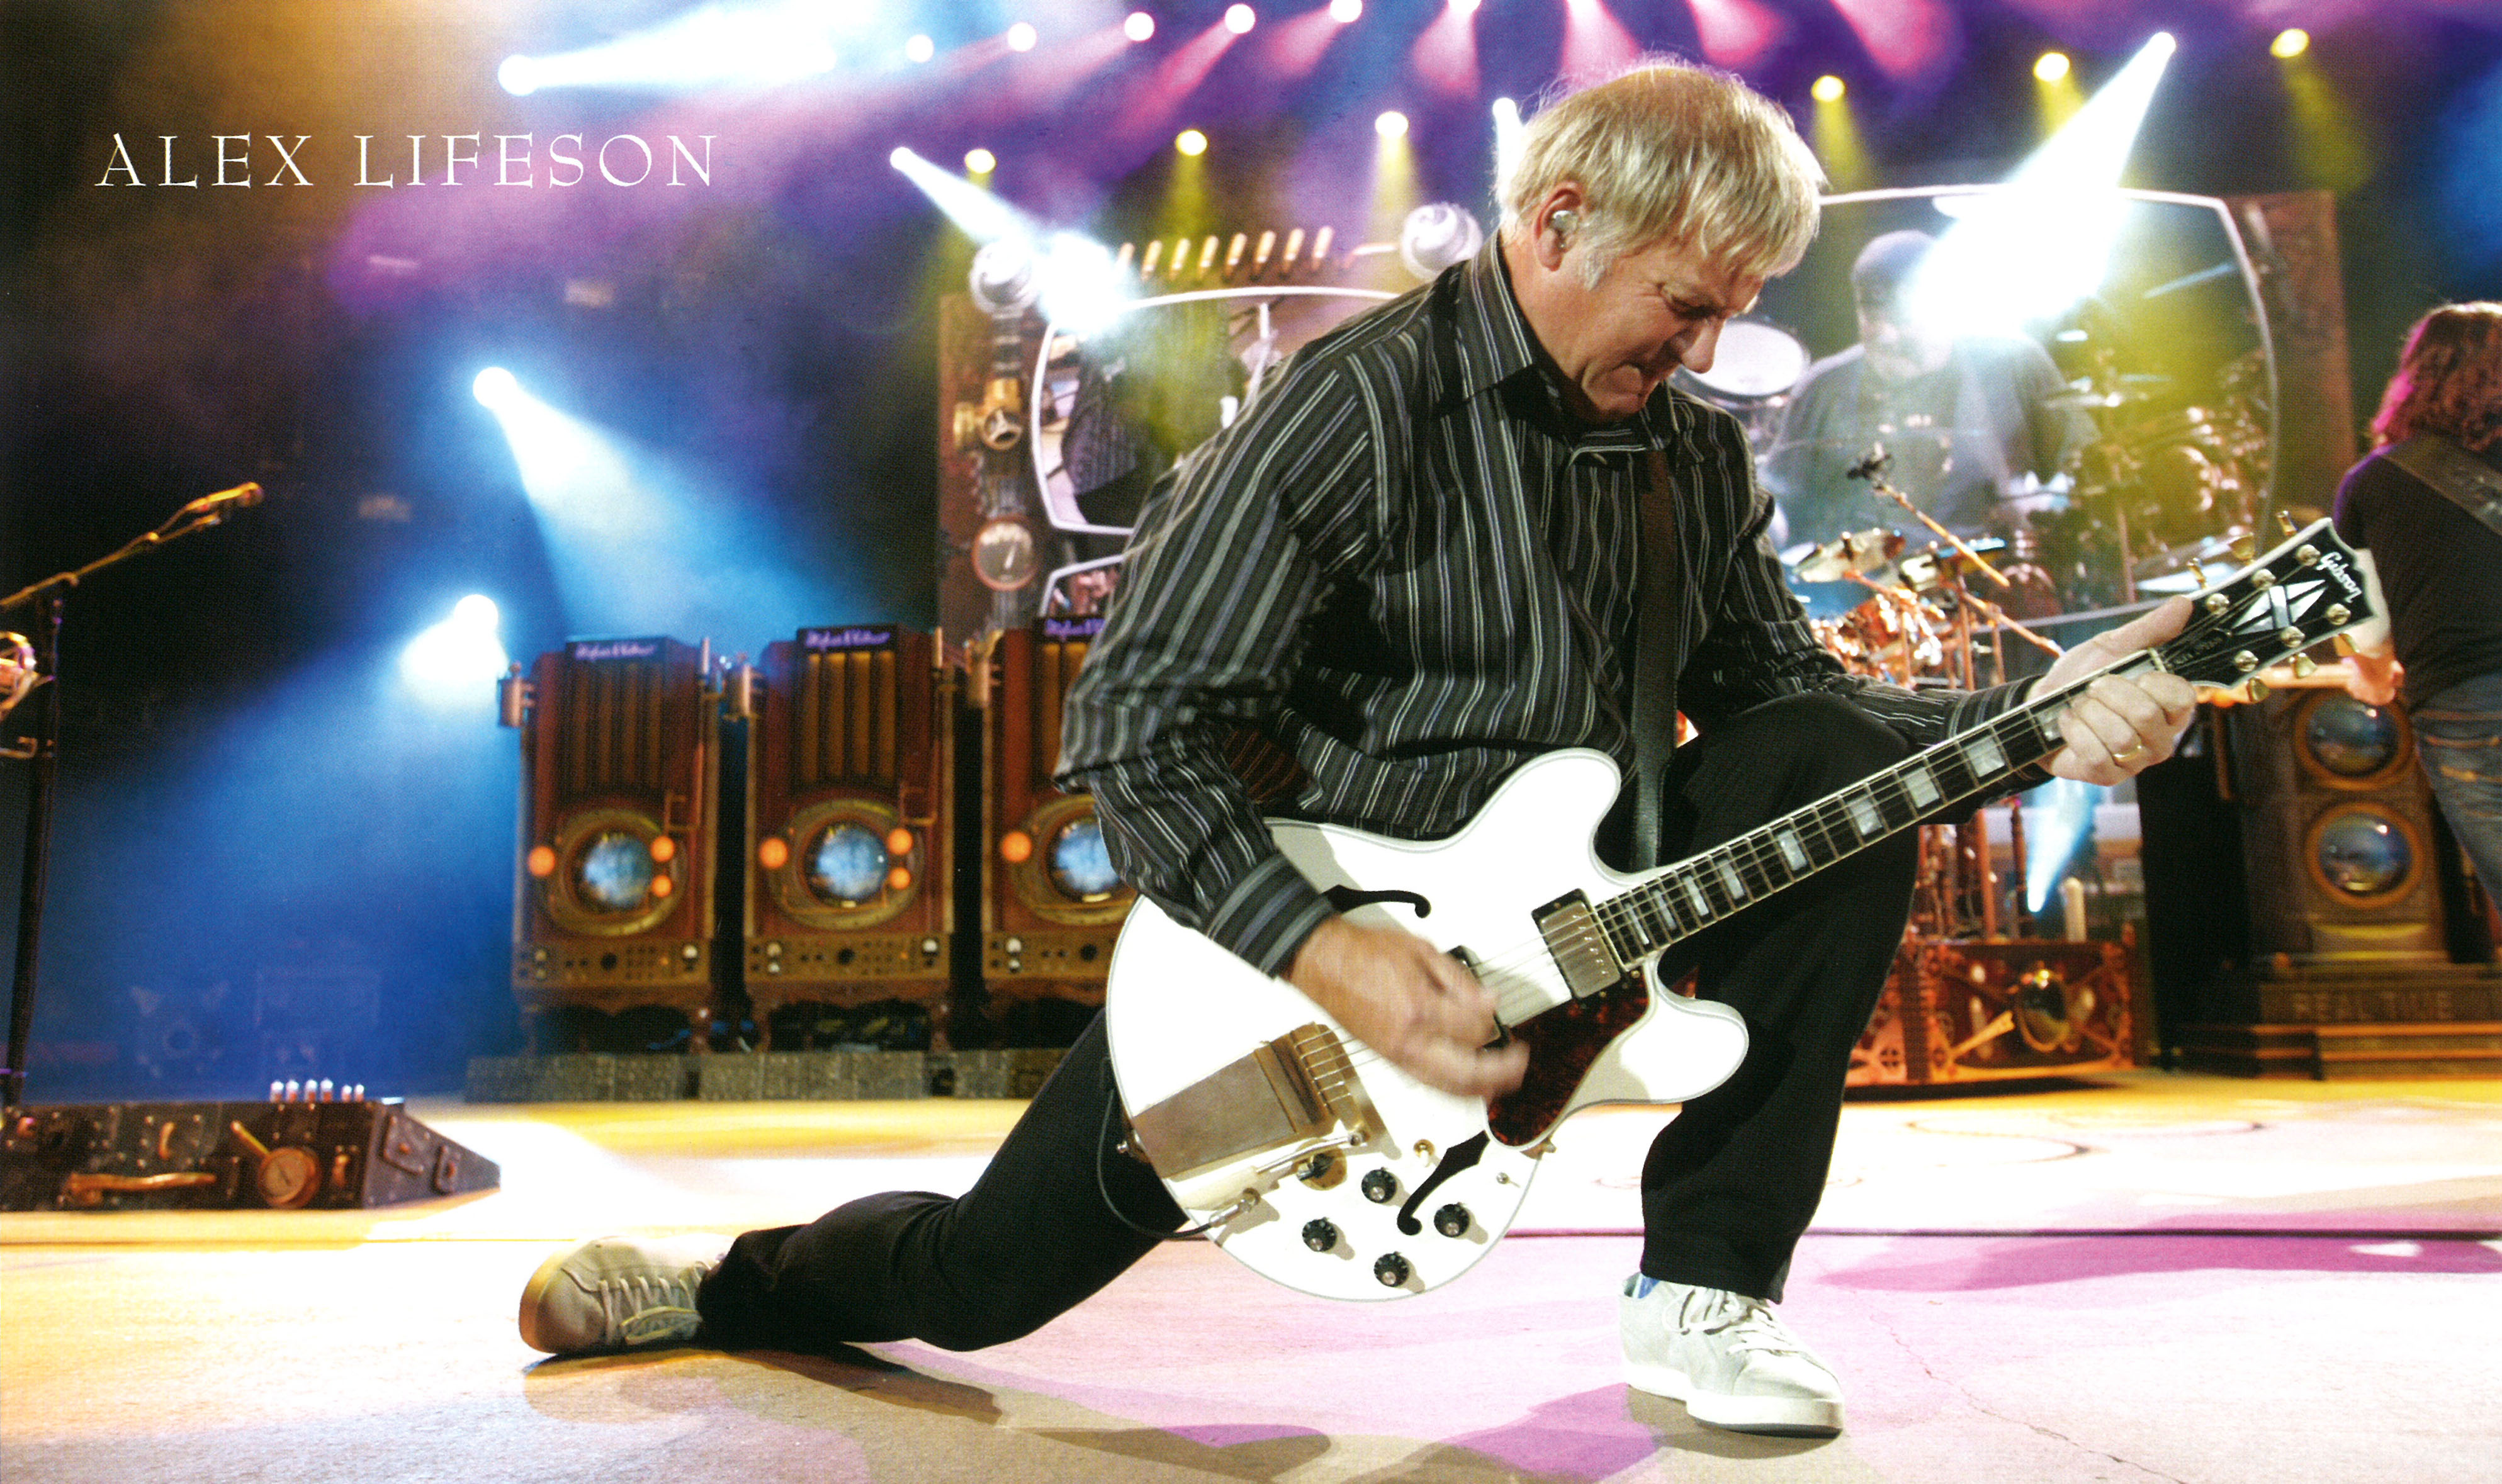 Guitar Blender Rush Red Barchetta Wallpaper Wwwmiifotoscom